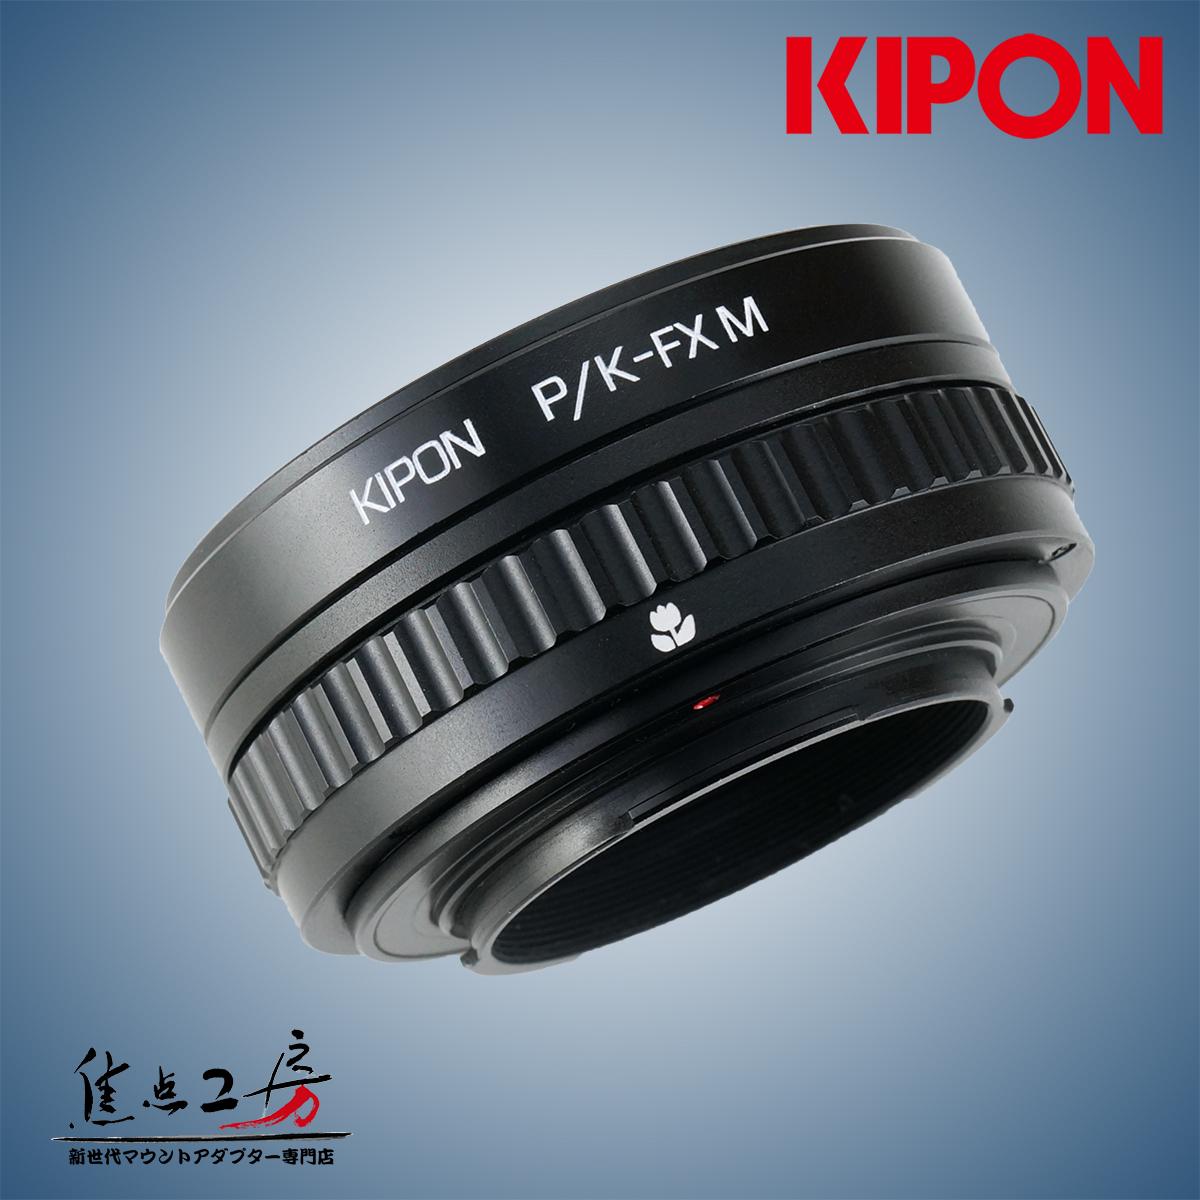 マウントアダプター KIPON P/K-FX M ペンタックスKマウントレンズ - 富士フィルムXマウントカメラ マクロ/ヘリコイド付き